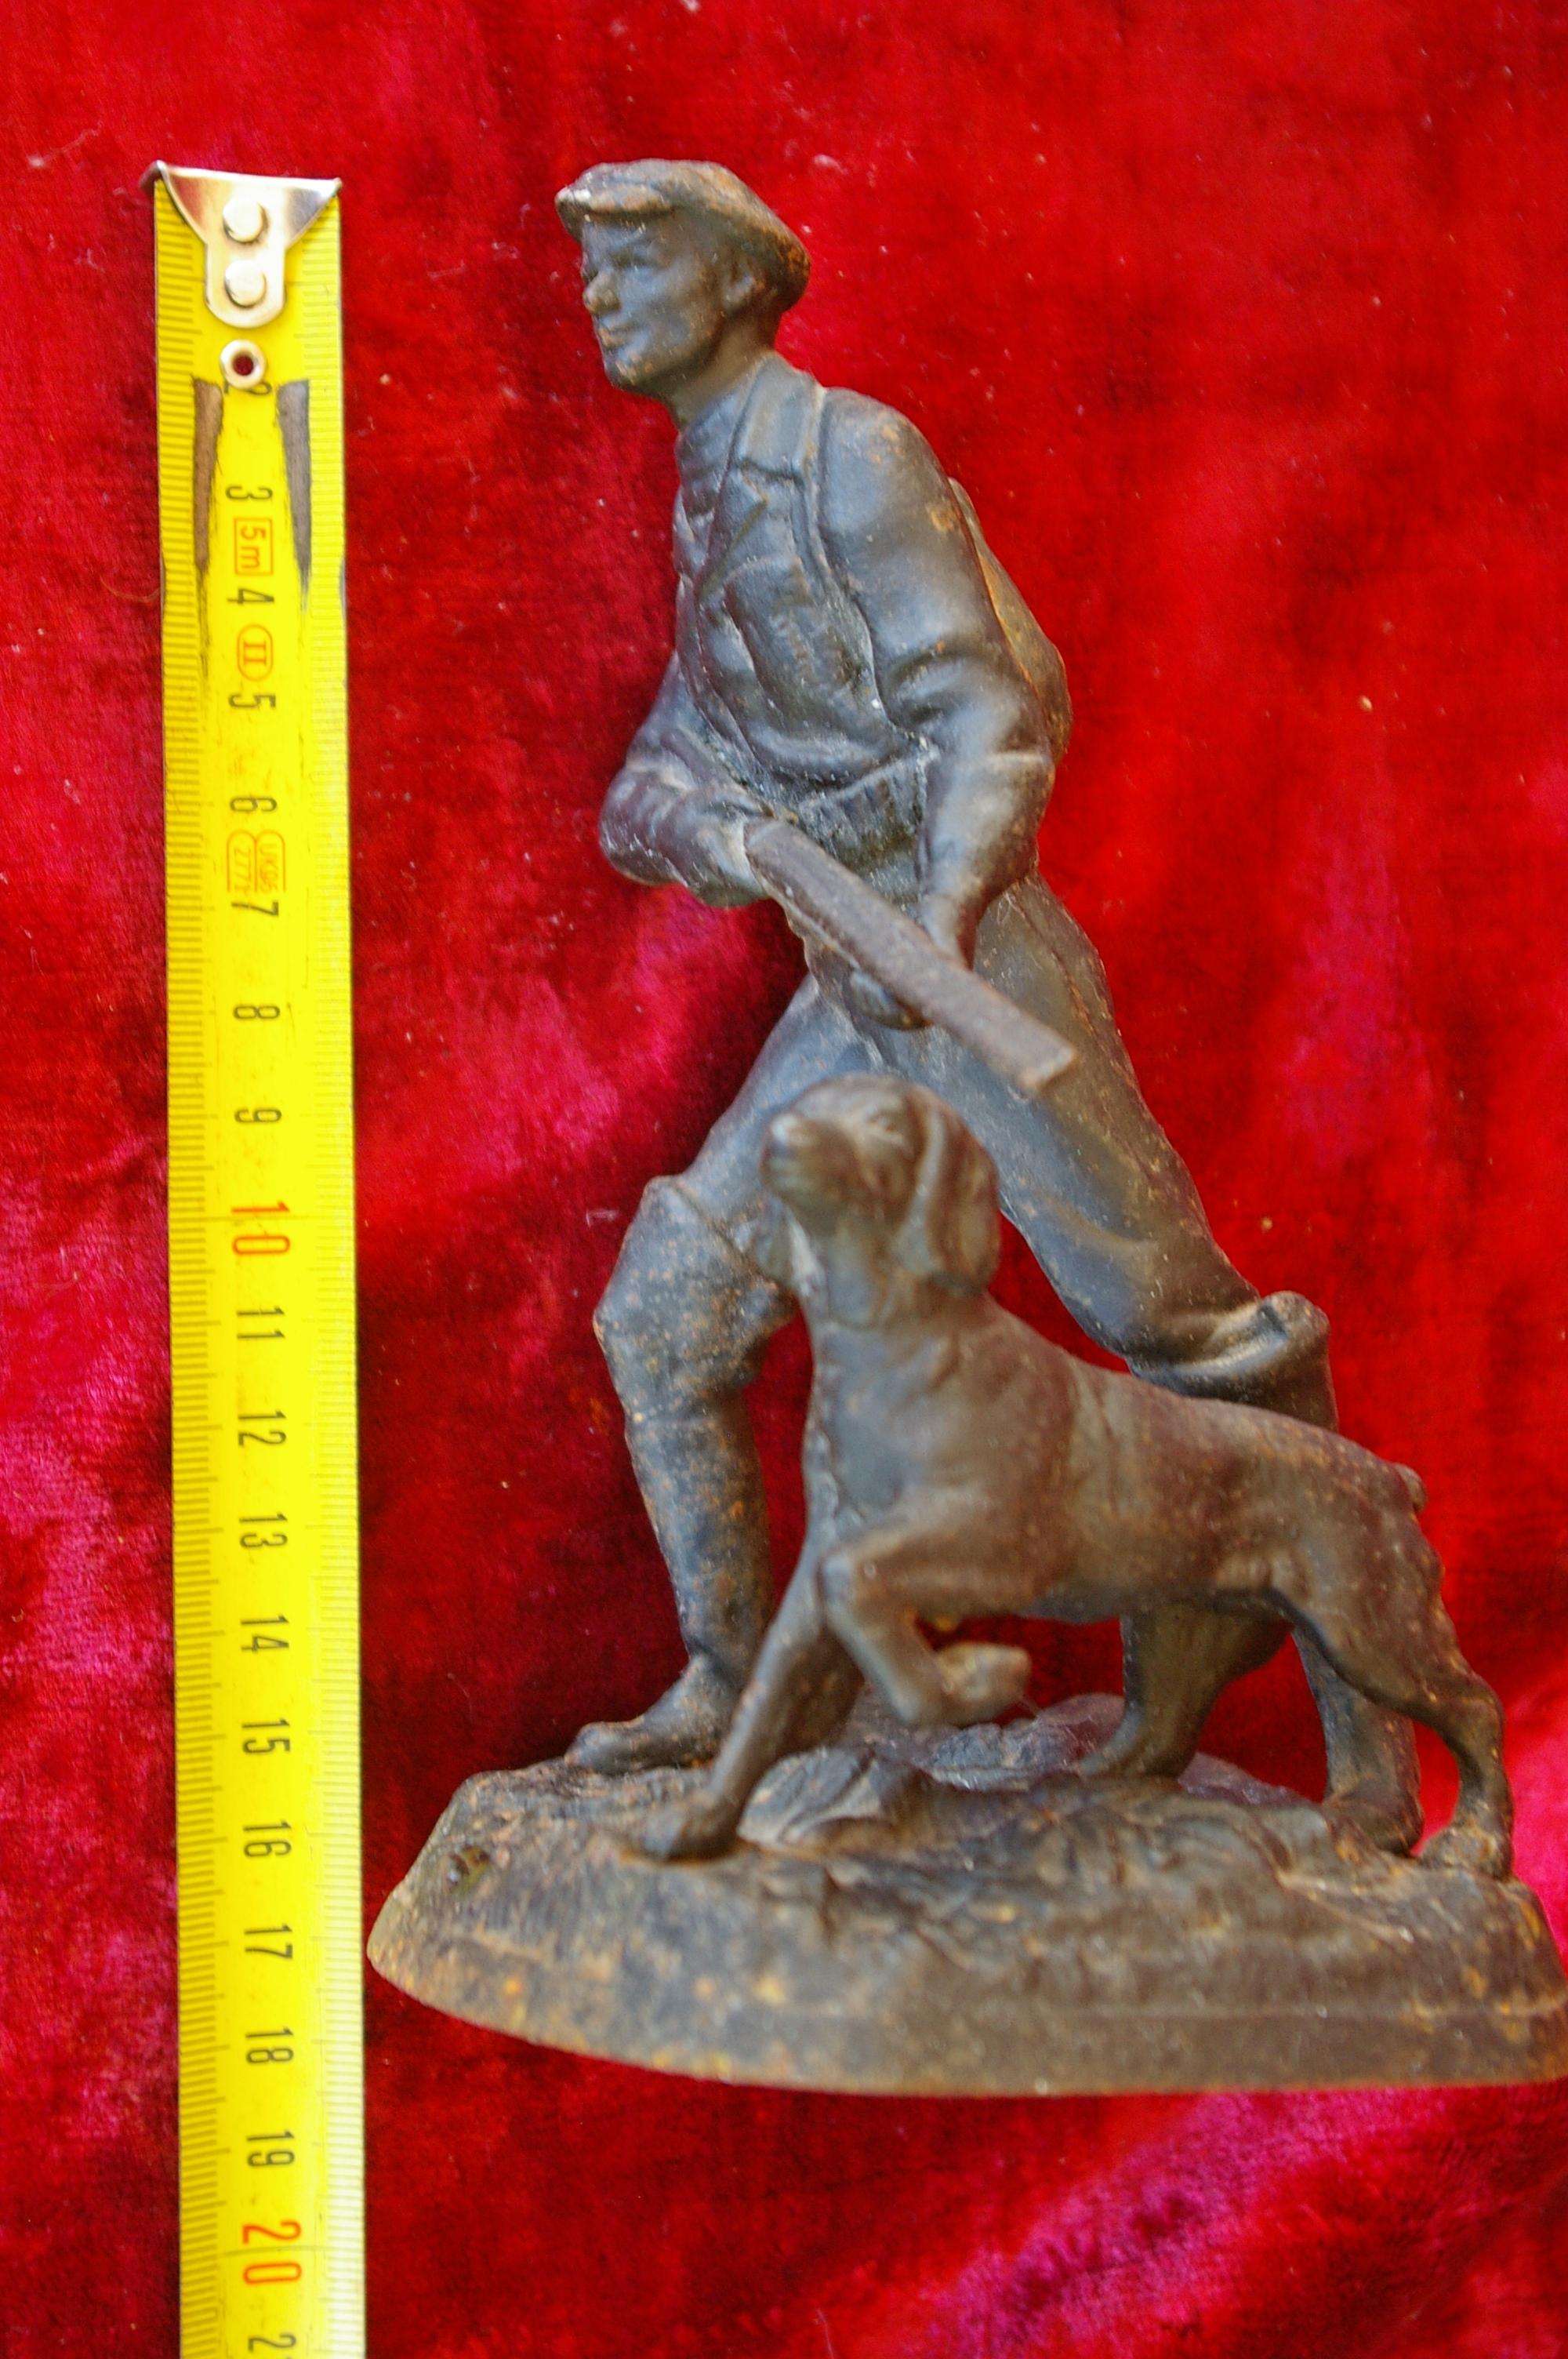 Скульптура Охотник, материал чугун, высота 17 см., ширина 9 см., длина 9 см. - 6